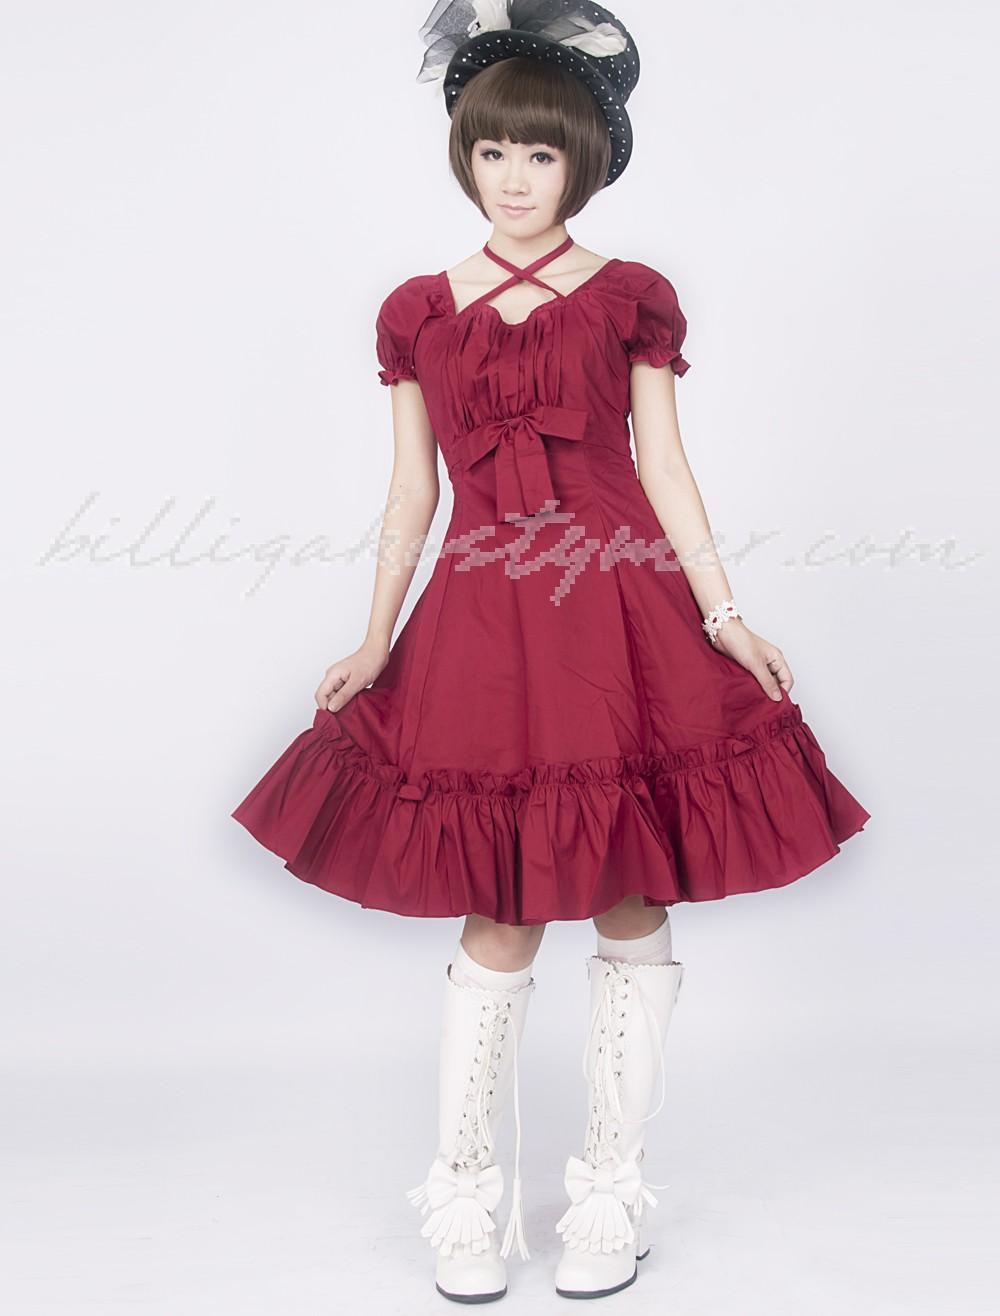 Fuchsia röd volang klassiska lolita klänningar